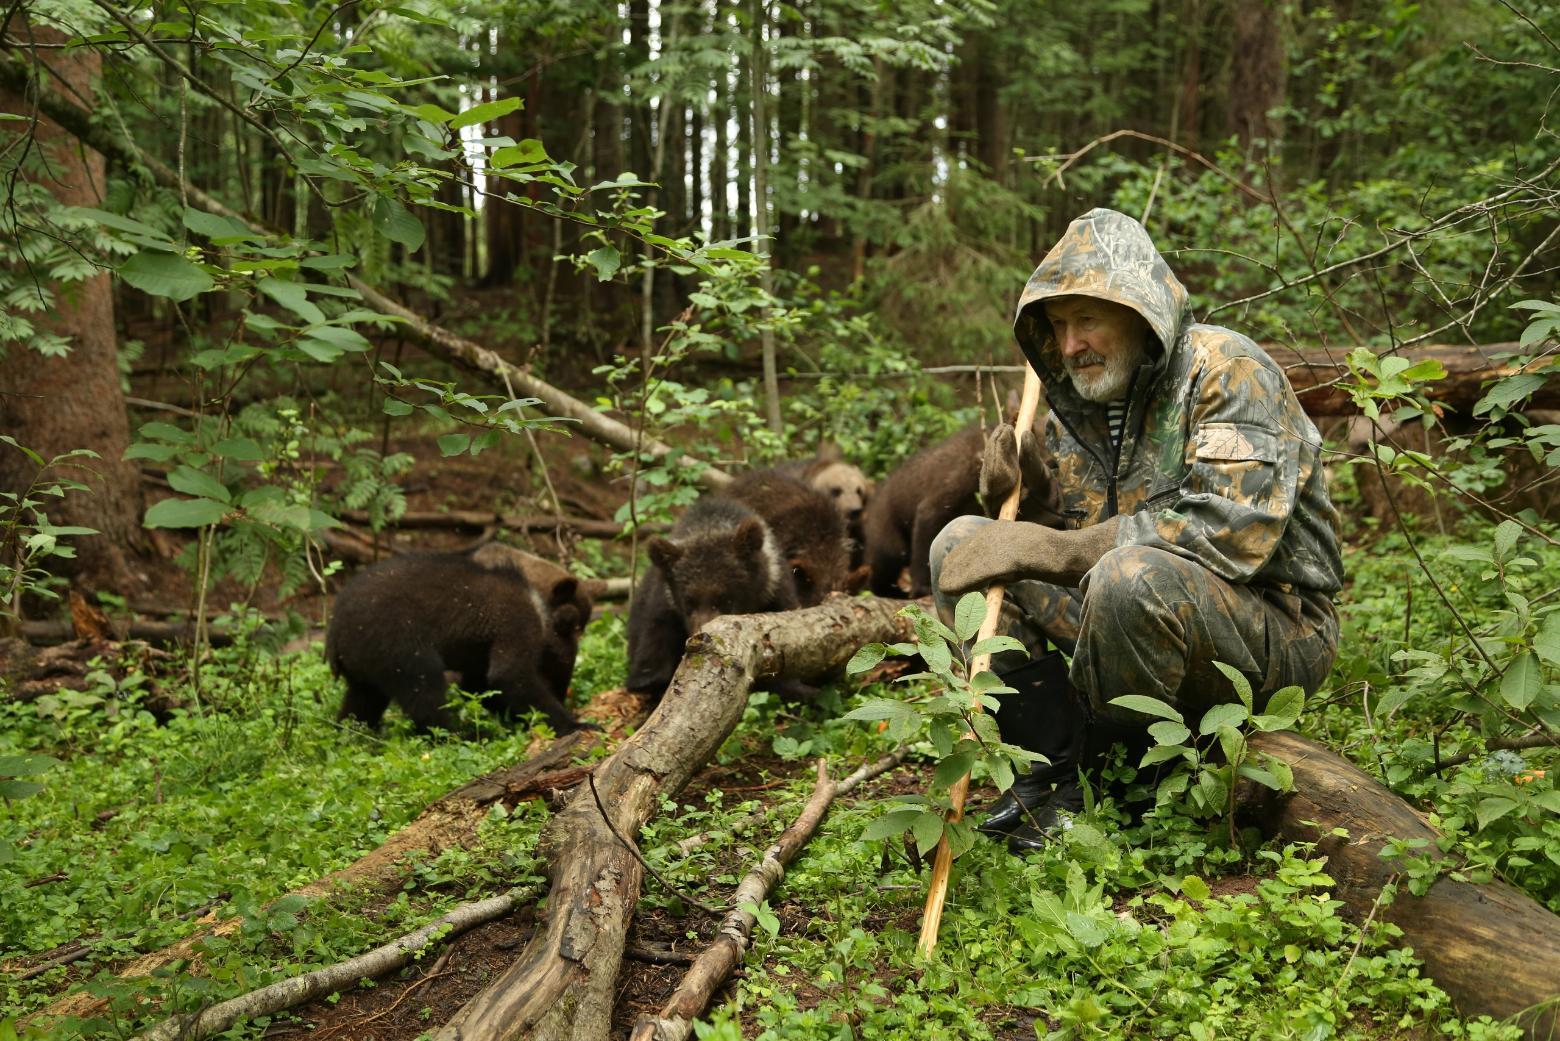 Верил в добро, жил в гармонии с природой: Валентину Пажетнову могло бы исполниться 85 лет